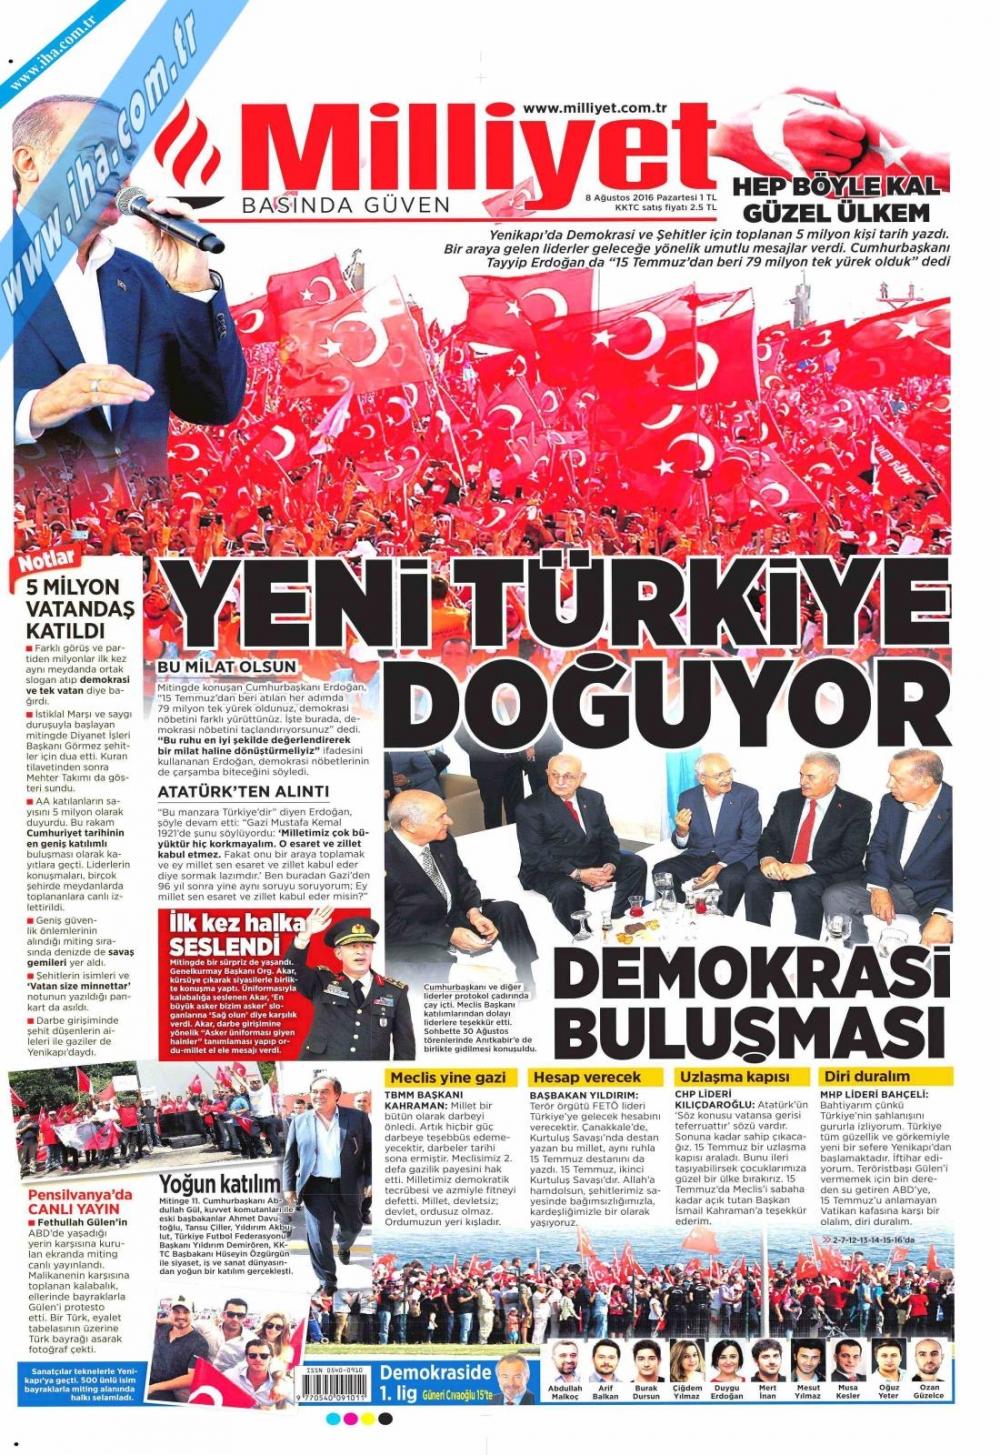 Gazeteler tarihi Yenikapı Mitingi'ni böyle gördü 11